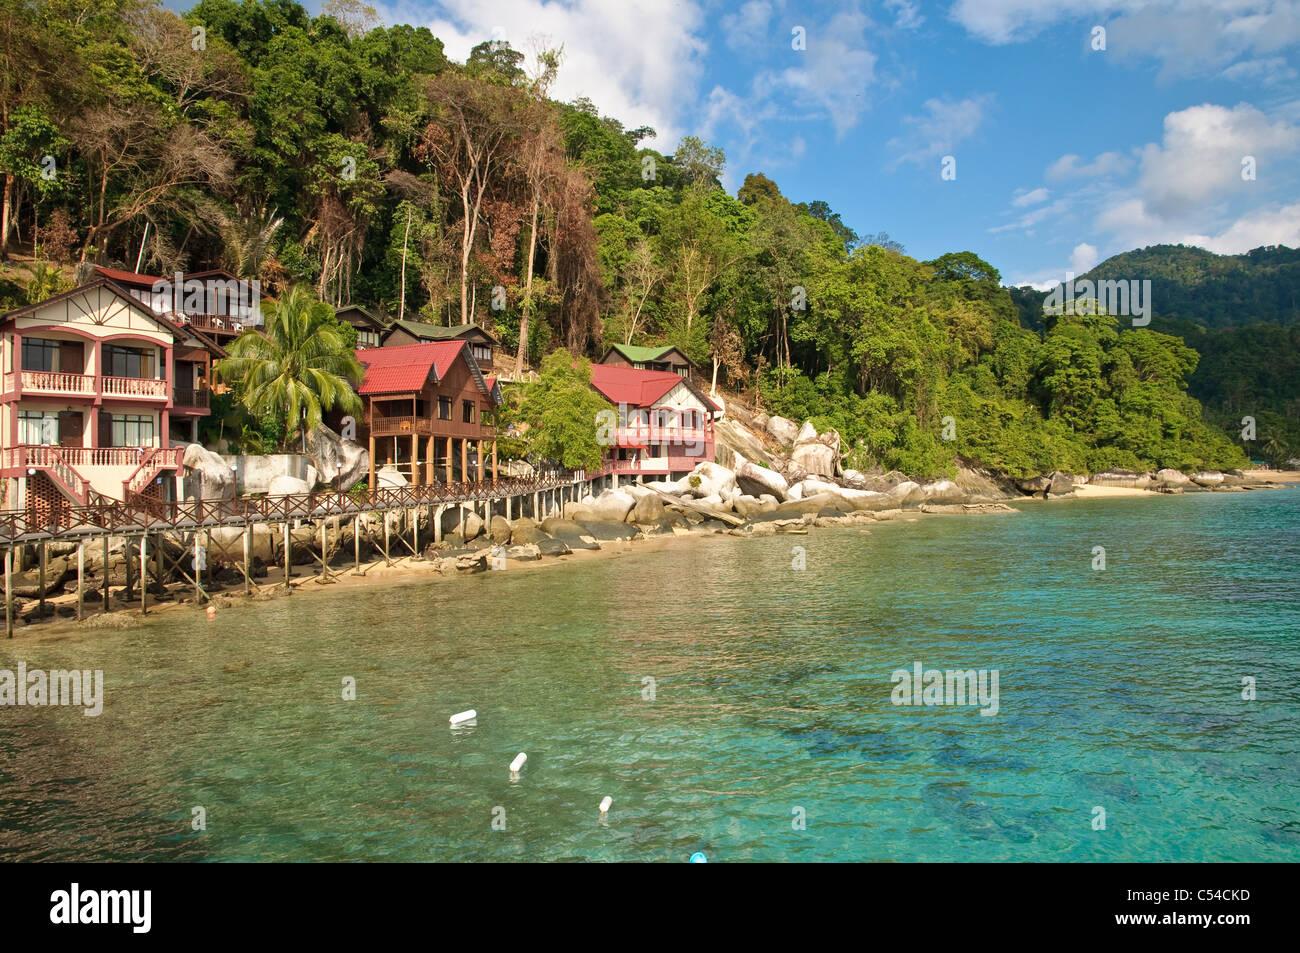 Panuba Inn Resort sobre la playa de la isla de Pulau Tioman, Panuba, Malasia, Sudeste Asiático, Asia Foto de stock